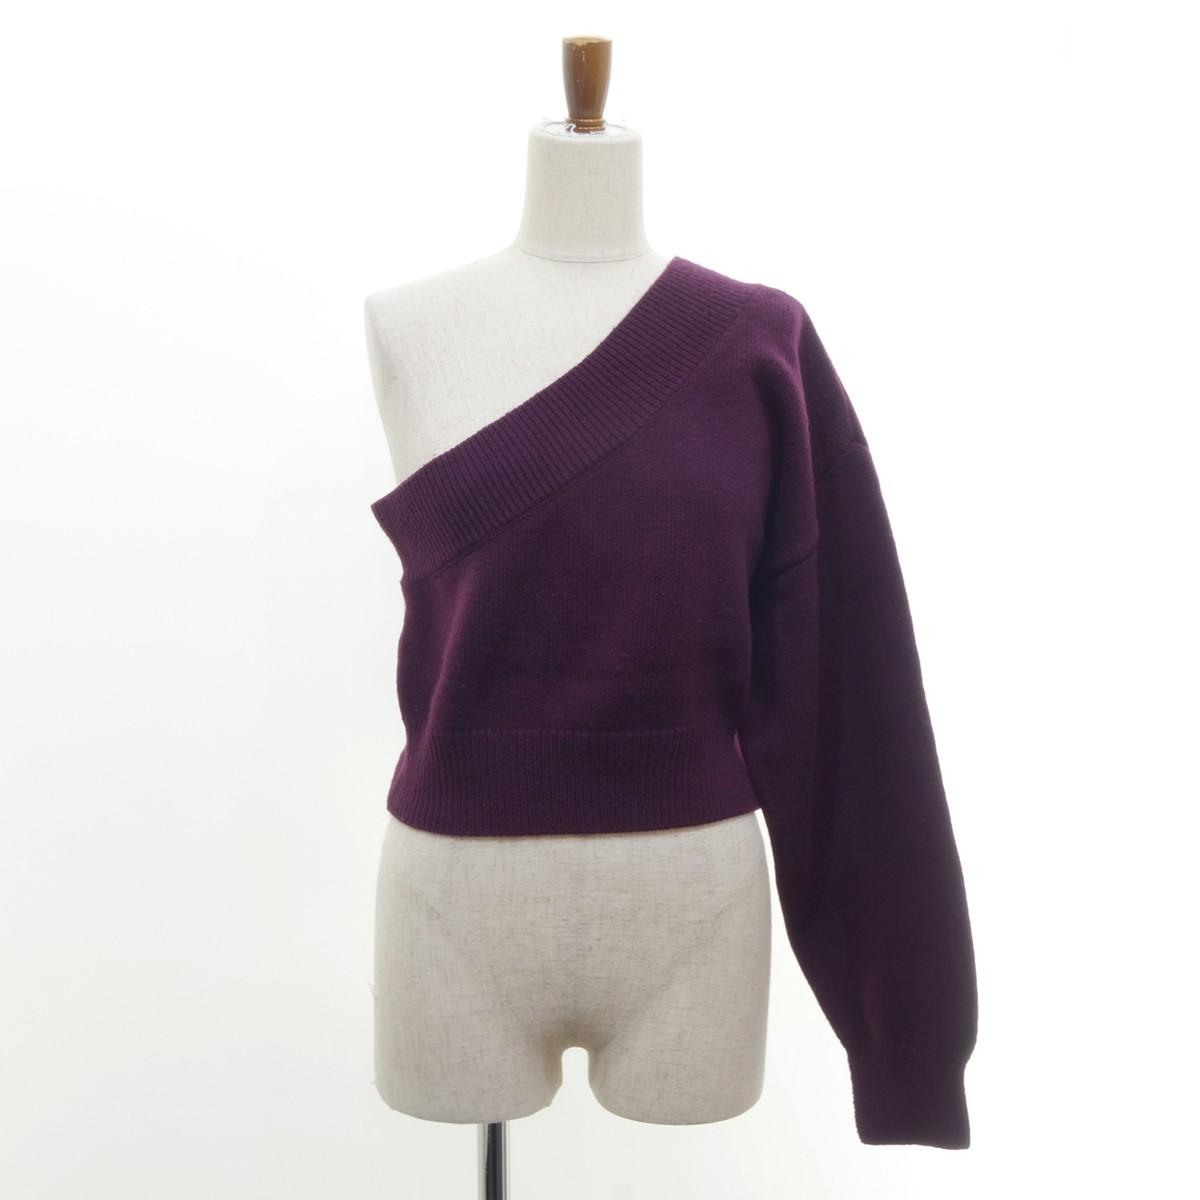 ニット・セーター, その他 ENFOLD 2019AW 38 180121